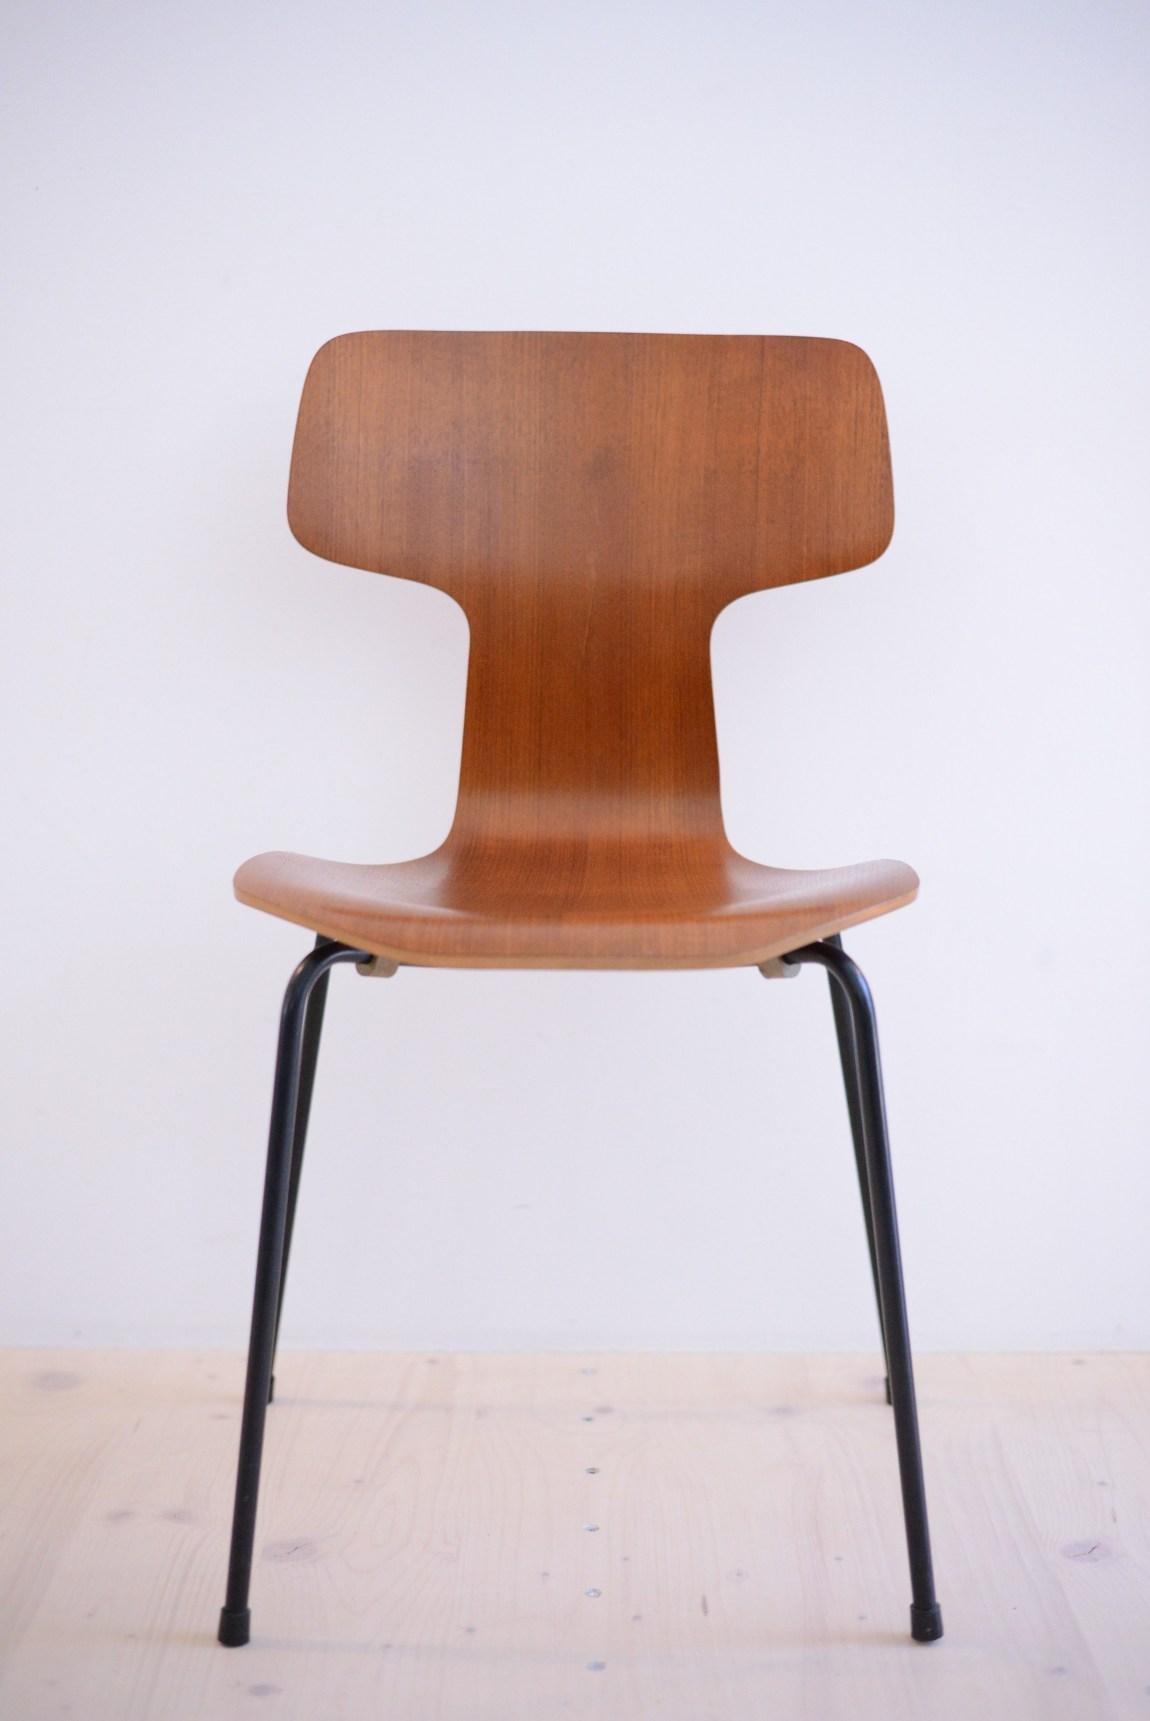 Arne Jacobsen Teak Chair 3103 Fritz Hansen Denmark 1960s Hammer Chair heyday möbel moebel Zürich Zurich Binz